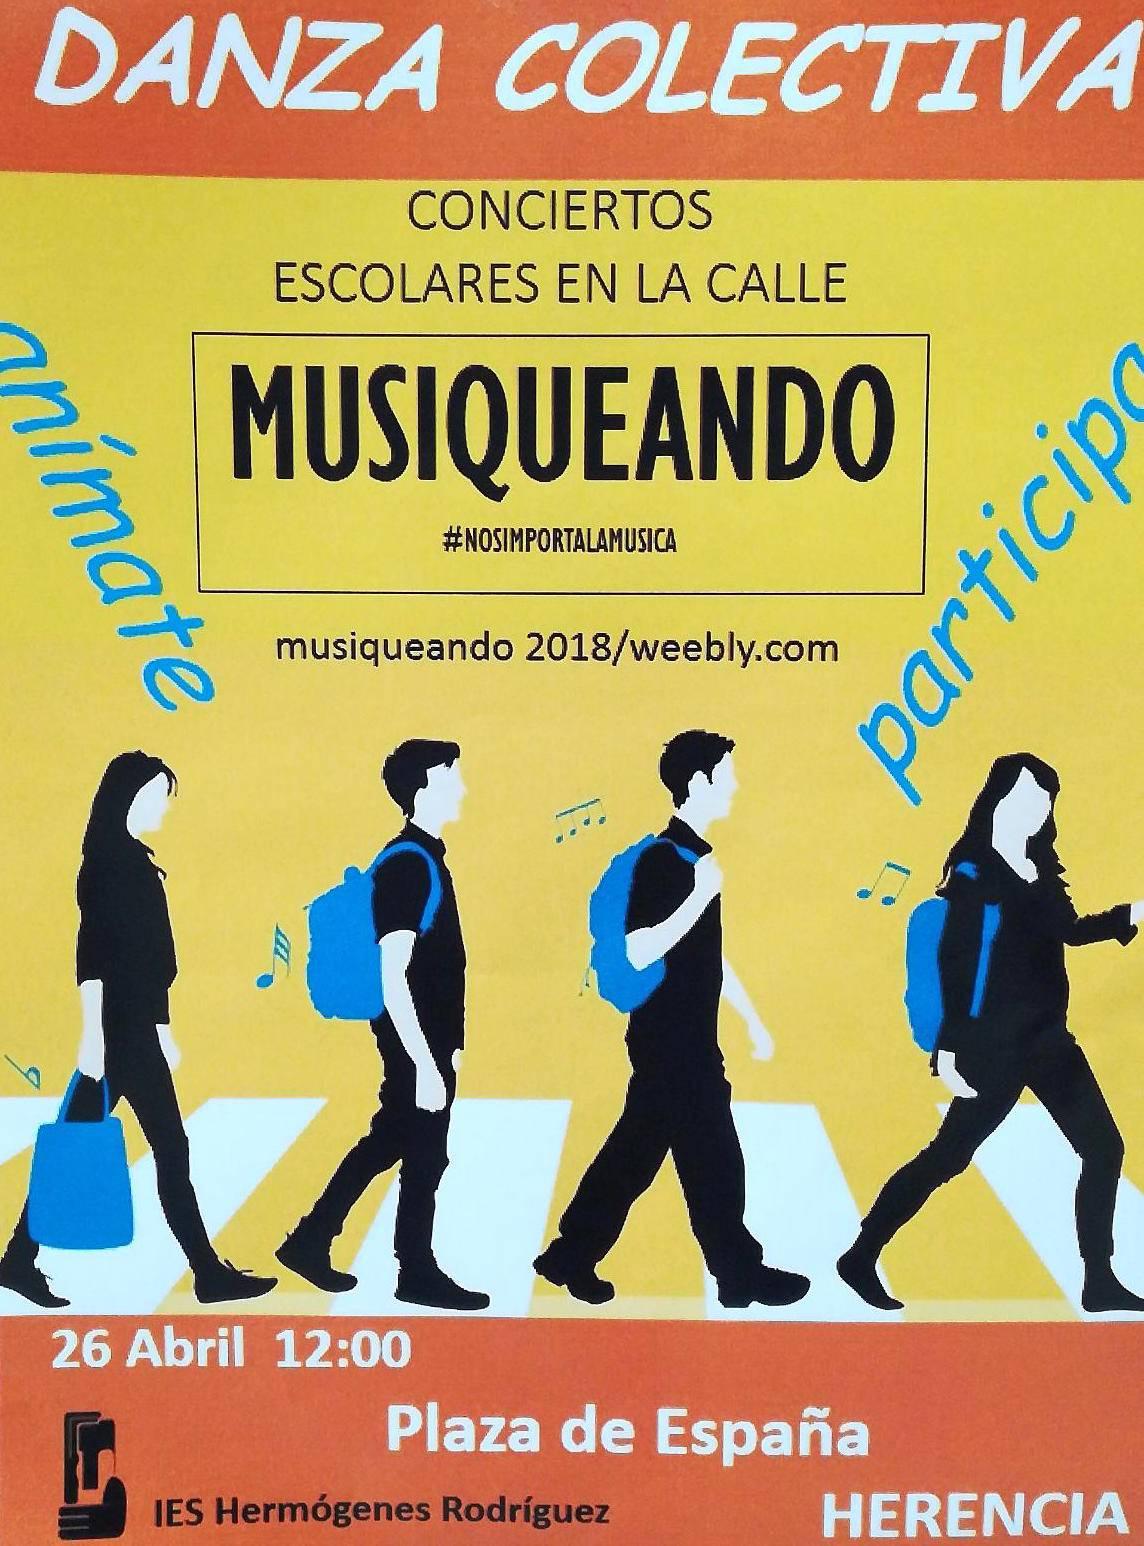 Musiqueando 2018 IES hermoges Rodríguez 1 - El IES participa de Musiqueando 2018 con música en la calle